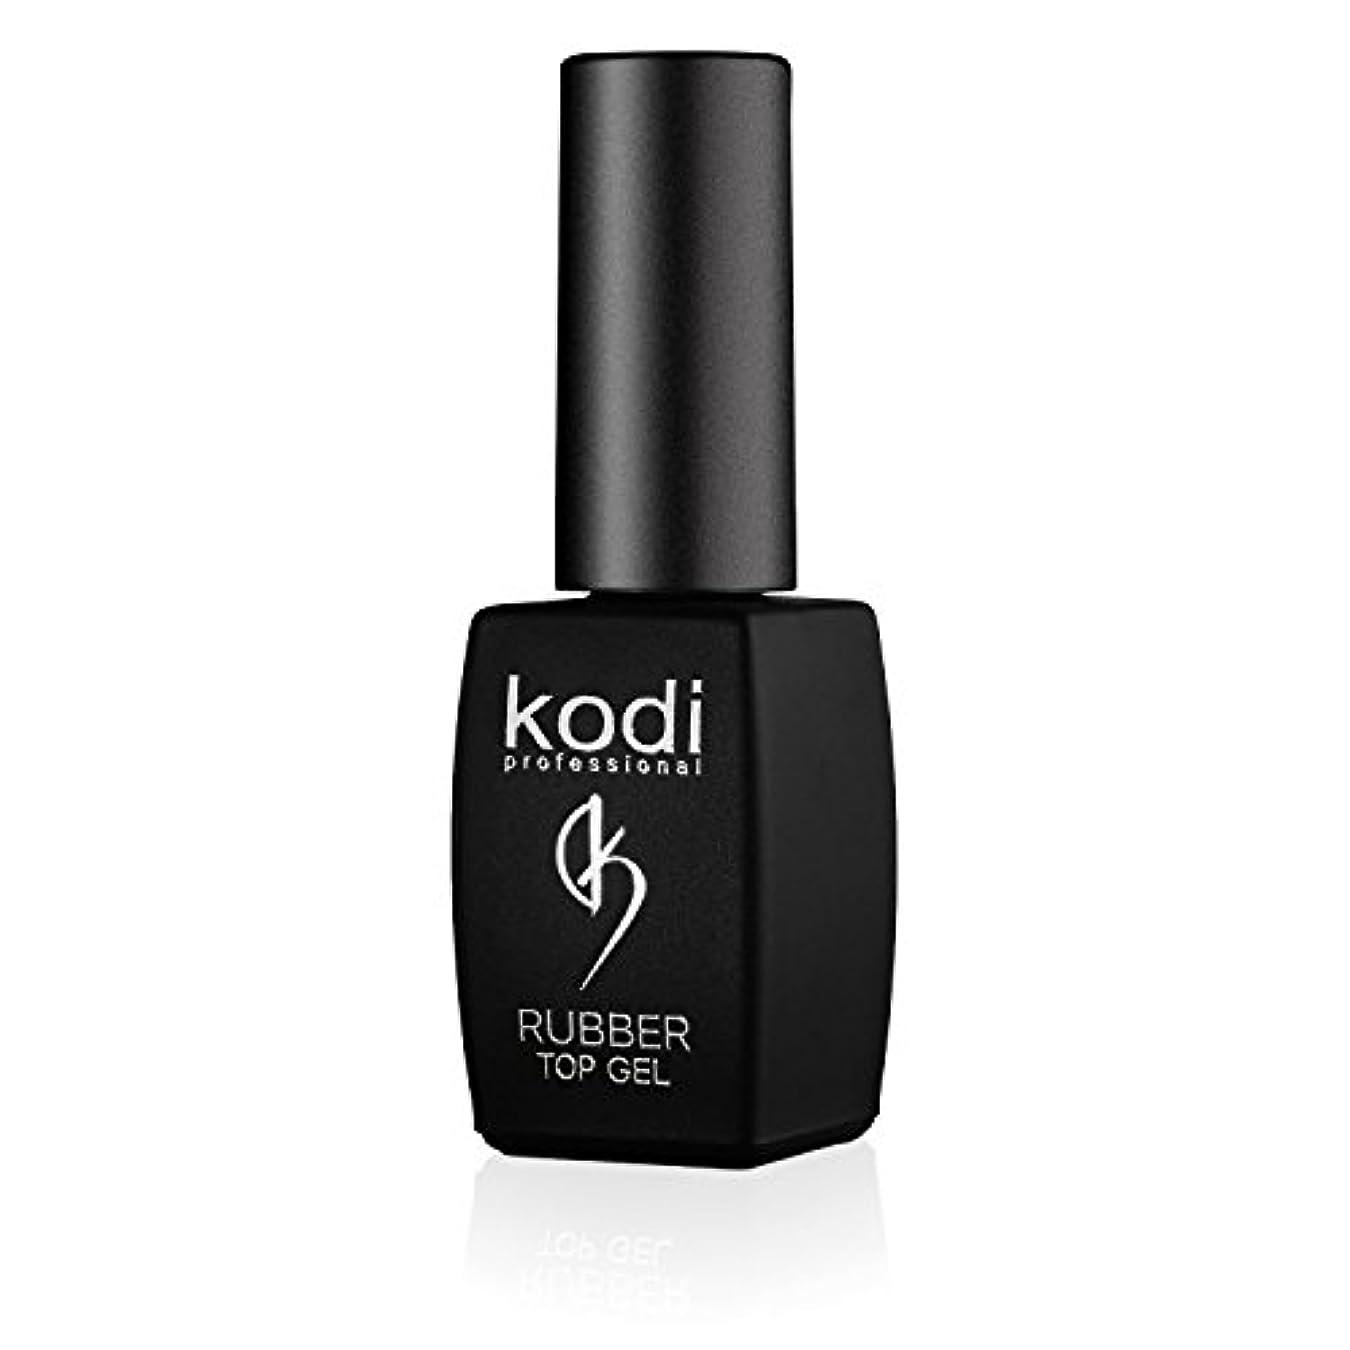 斧安全ナサニエル区Professional Rubber Top Gel By Kodi | 8ml 0.27 oz | Soak Off, Polish Fingernails Coat Kit | For Long Lasting Nails...